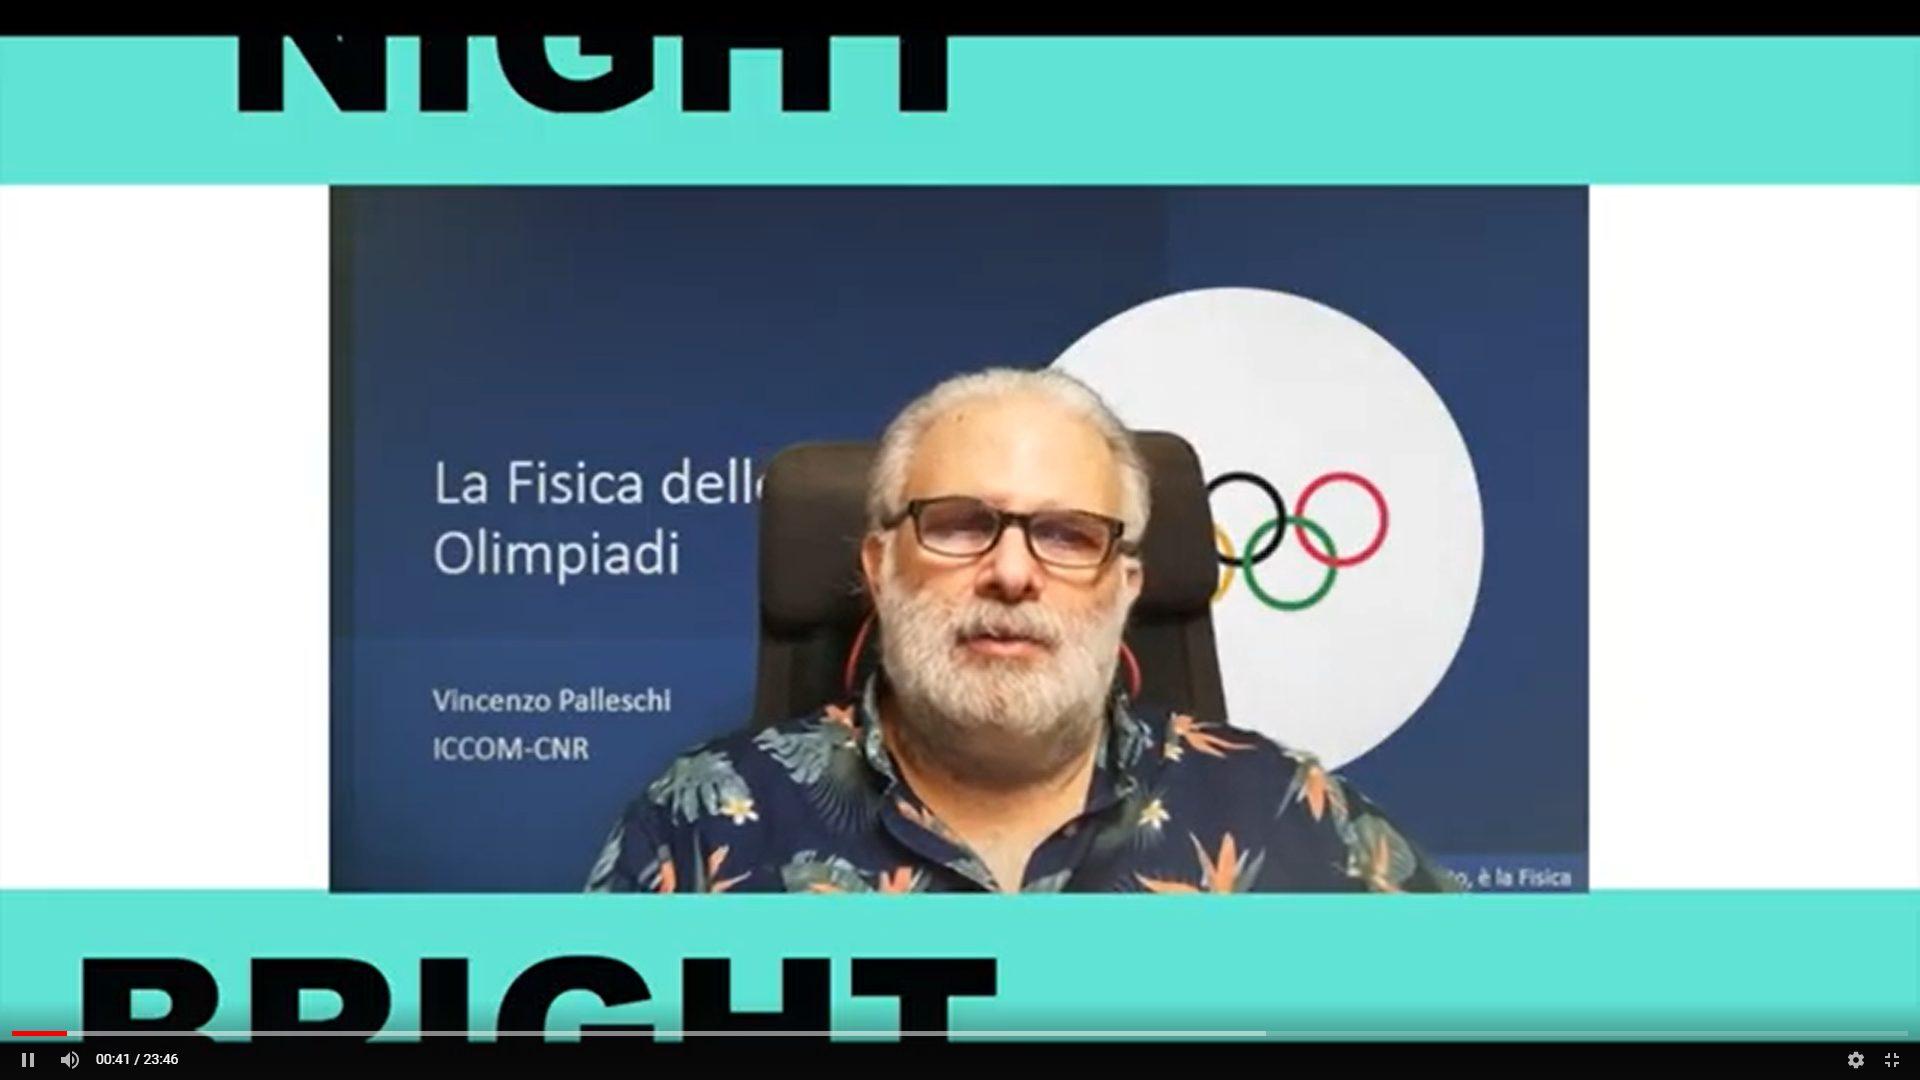 La fisica delle Olimpiadi